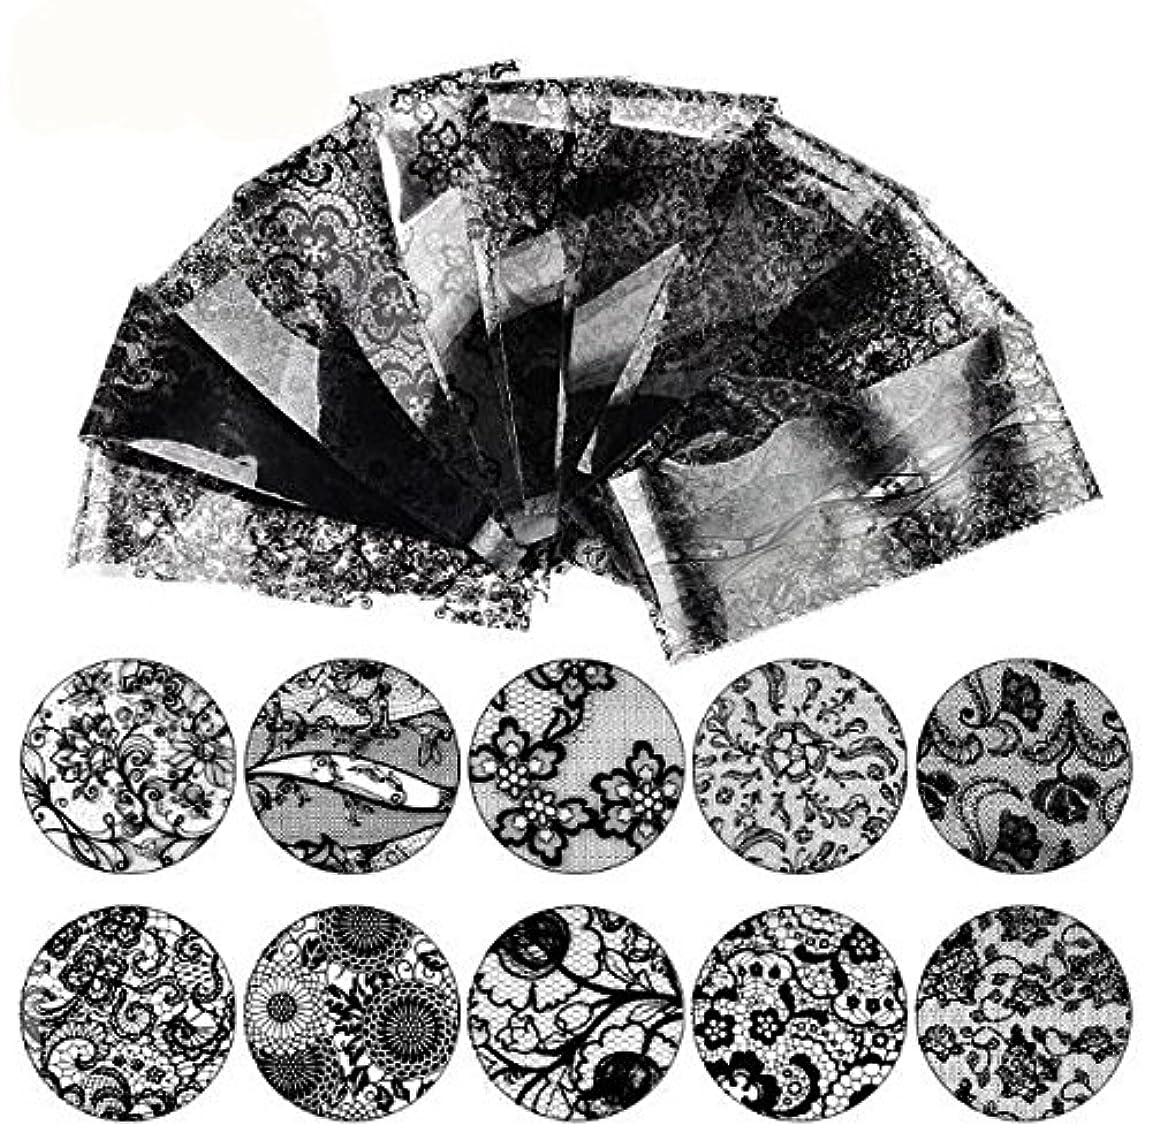 スキップ買うコイン16枚 20cm ブラック レース ネイルホイル ネイル転印シール ネイルシール ネイルステッカー ネイルデコ ネイルアート [並行輸入品]